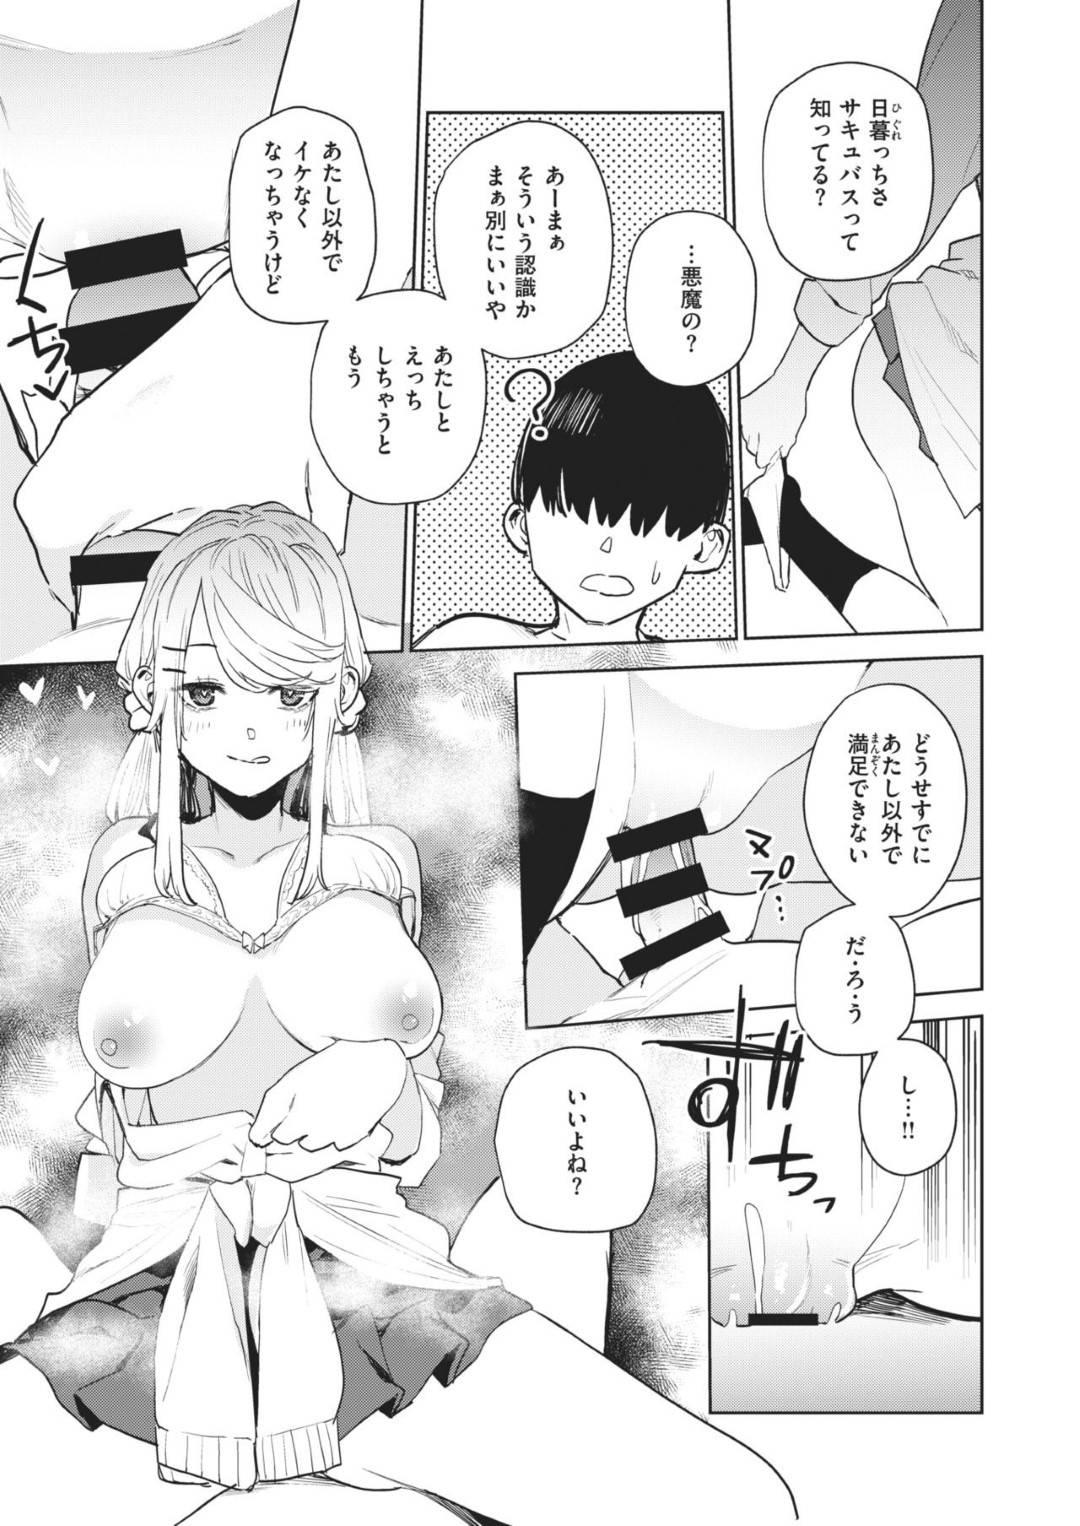 【エロ漫画】気弱な男子にエッチな事を誘惑して射精管理させるギャルJK…彼女はフェラや寸止め手コキを一週間し続け、更には騎乗位で中出しセックスまでしてしまう!